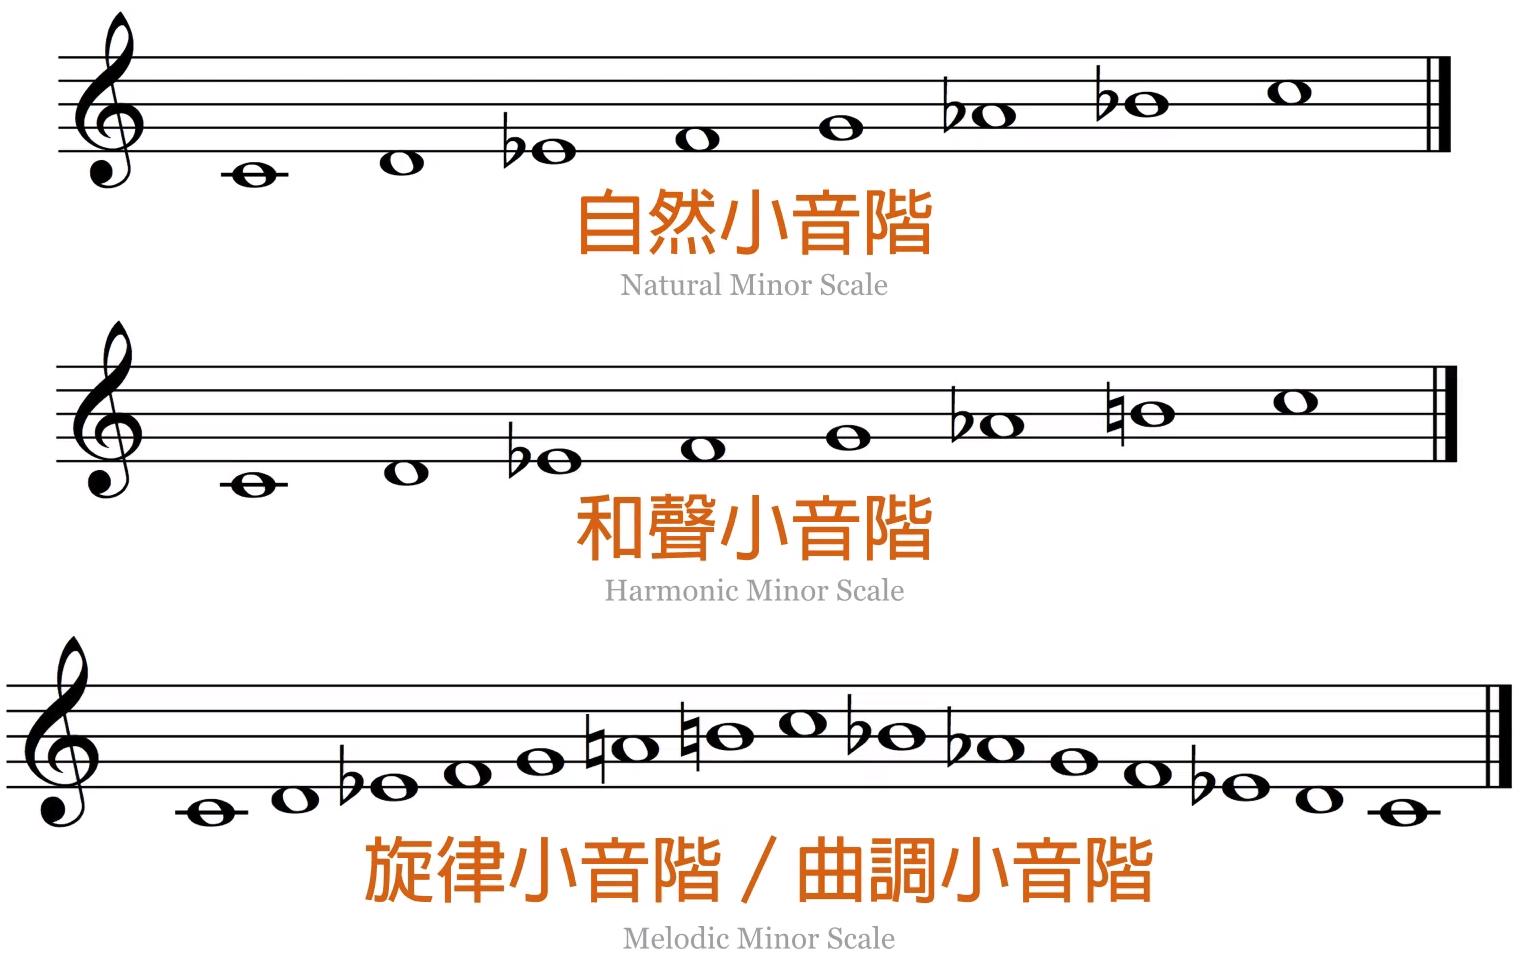 小调的三种模式